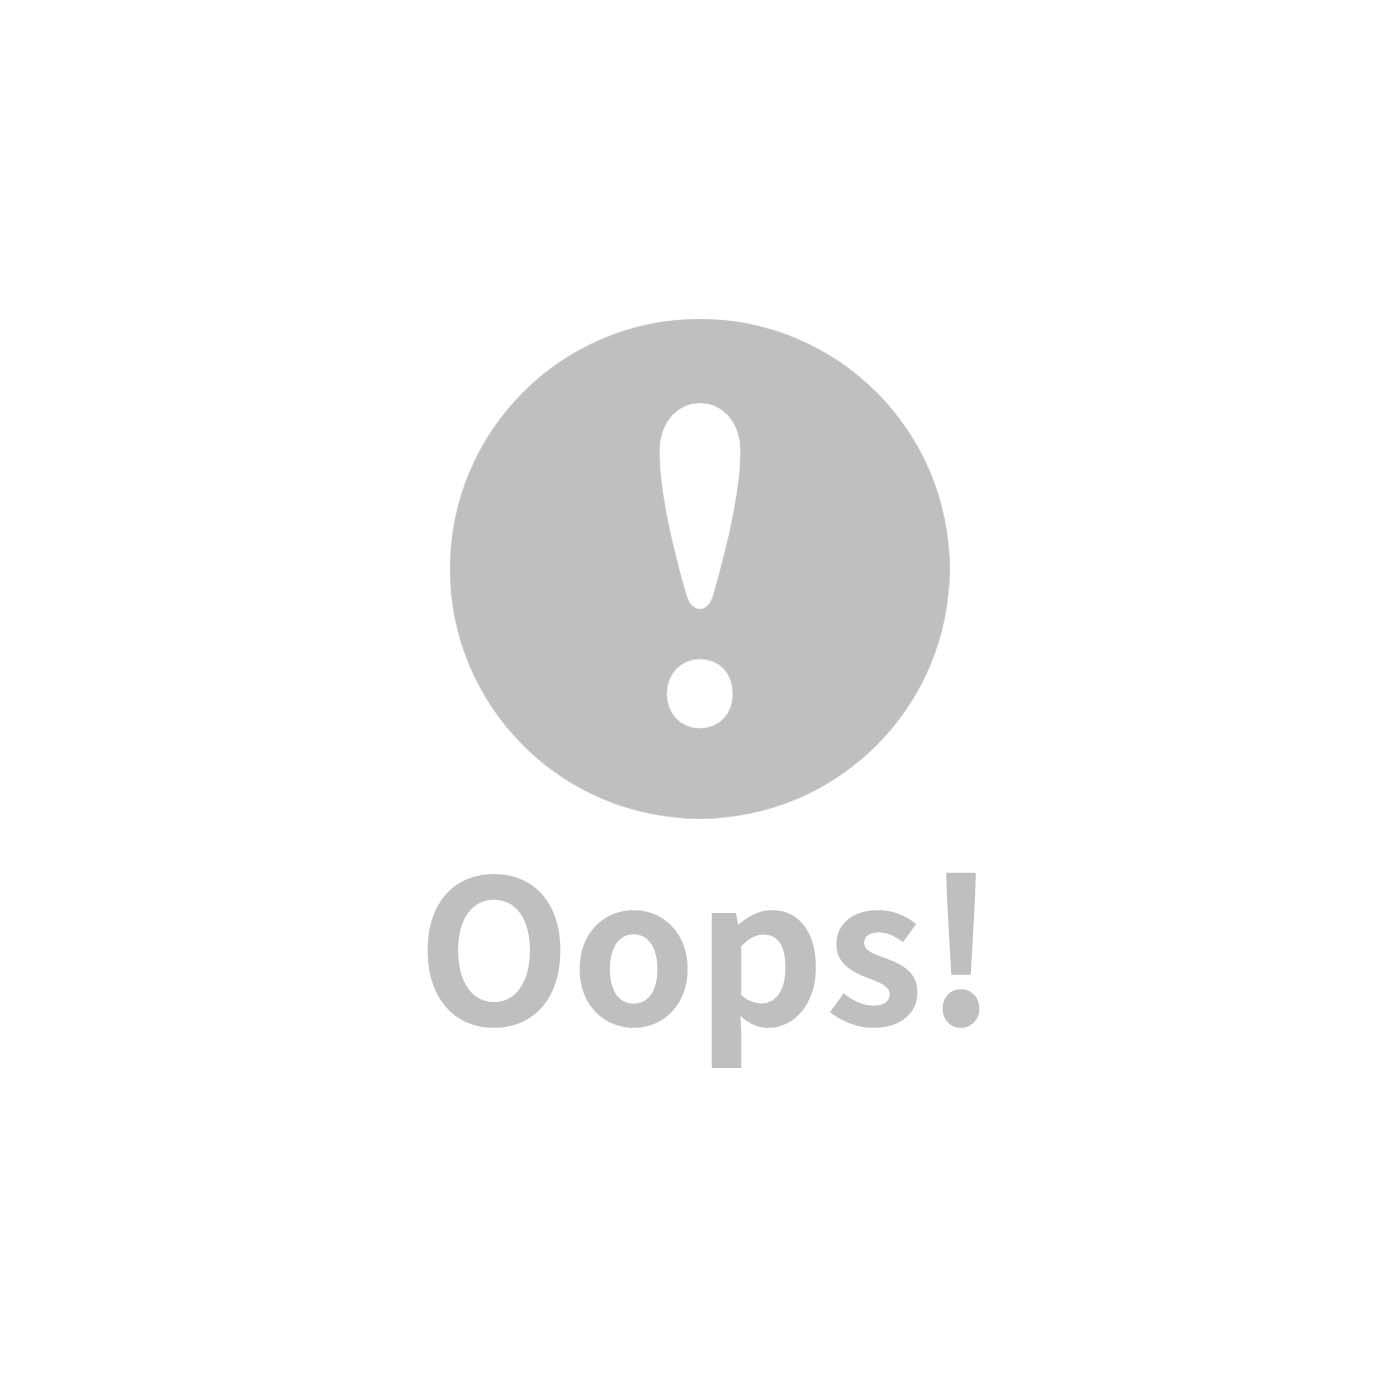 global affairs 童話手工編織安撫搖鈴_叢林系列(2入組)